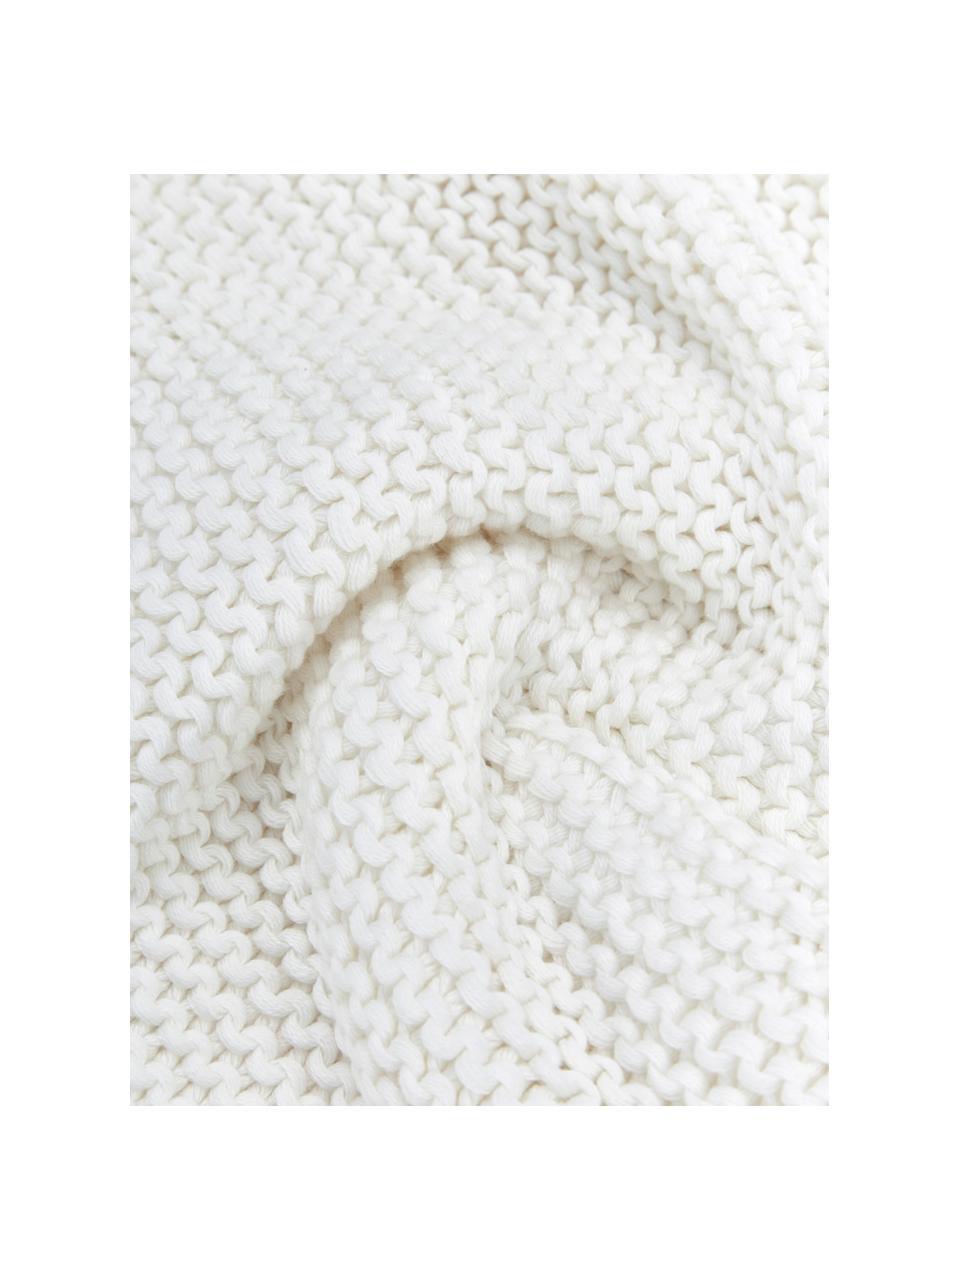 Federa arredo a maglia in cotone biologico bianco Adalyn, 100% cotone biologico, certificato GOTS, Bianco naturale, Larg. 60 x Lung. 60 cm